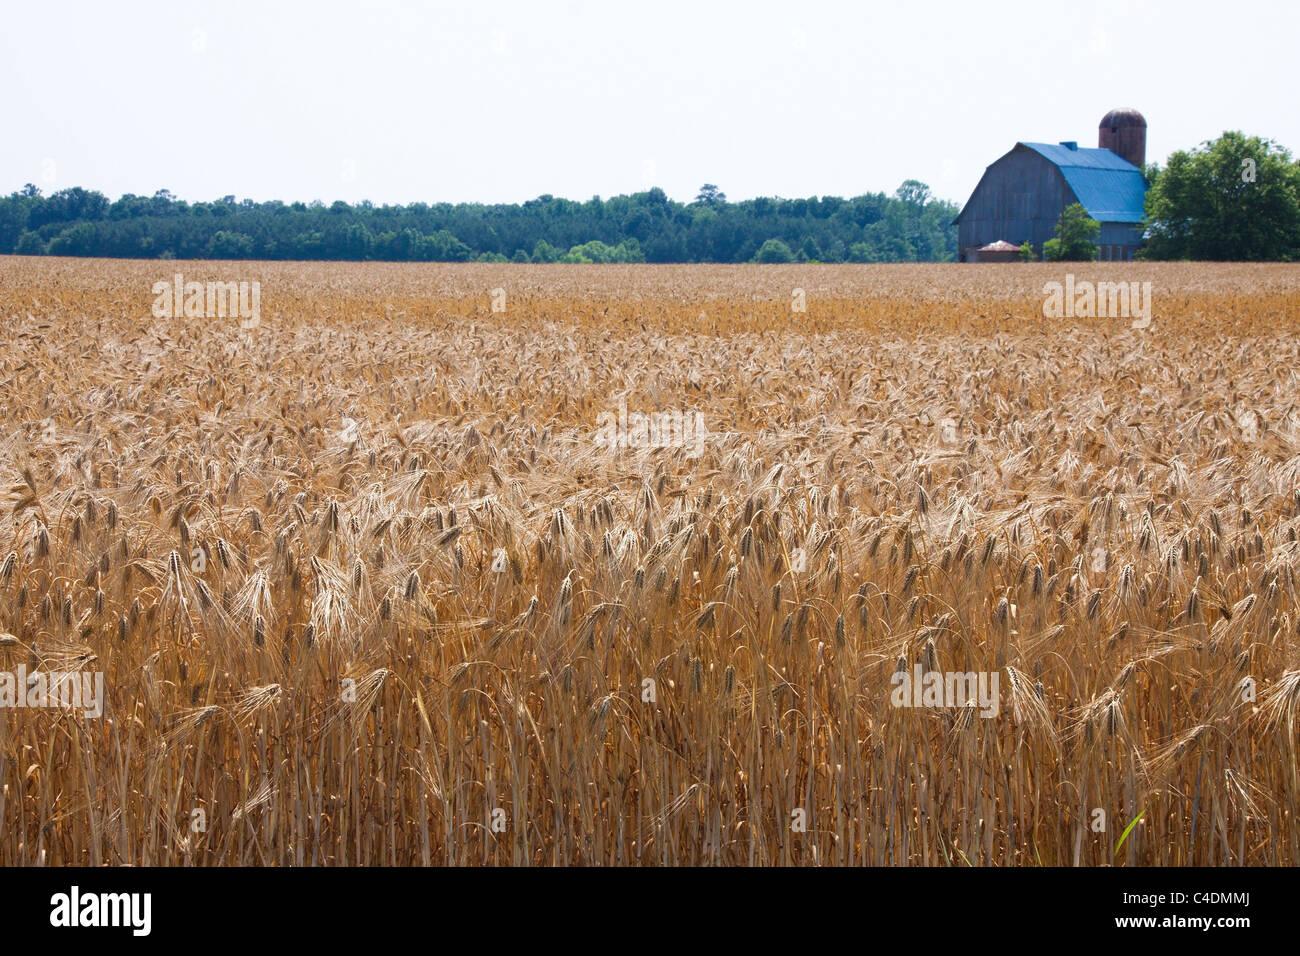 Campos de cebada la maduración, granero en distancia, Maryland Eastern Shore, EE.UU. Imagen De Stock